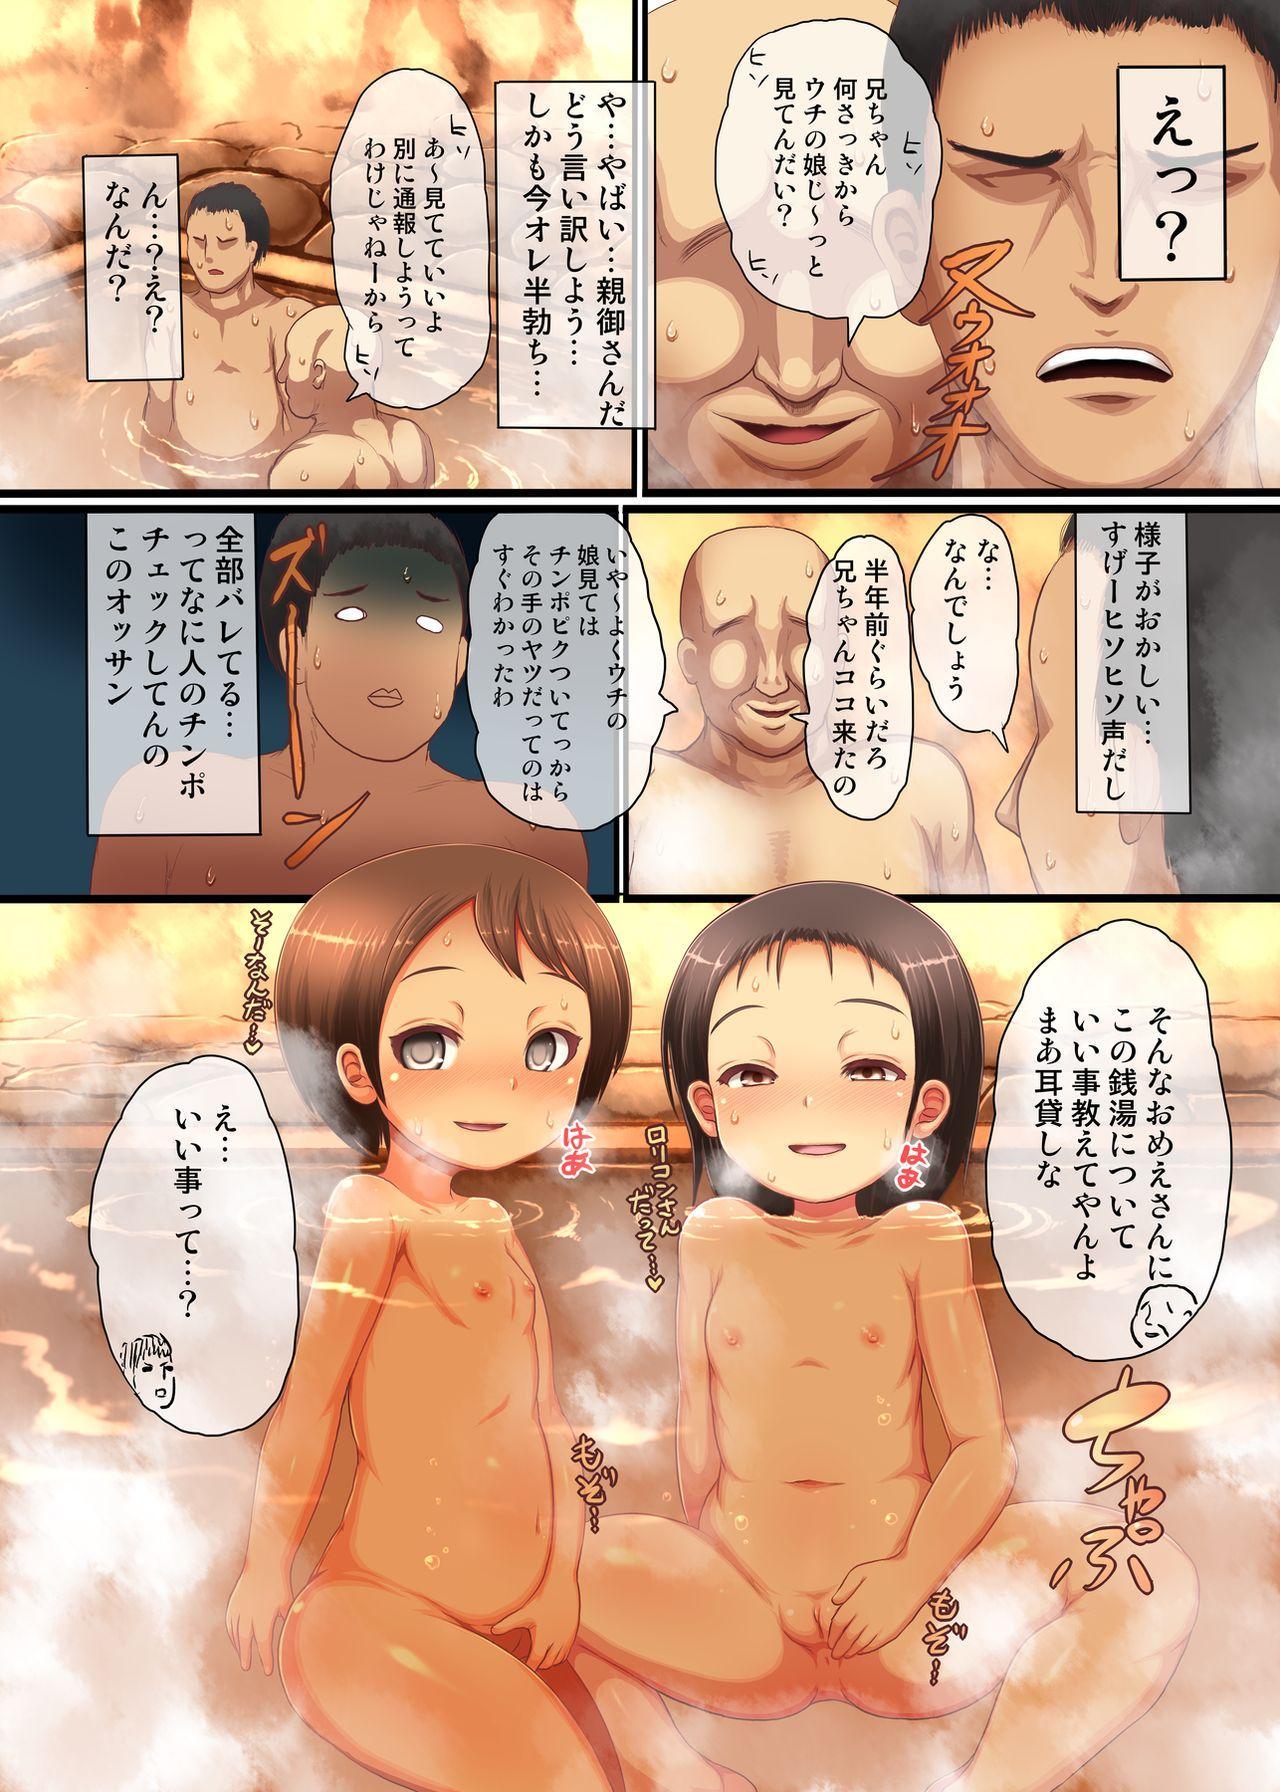 Chibikko Sentou Ecchi Ran 2